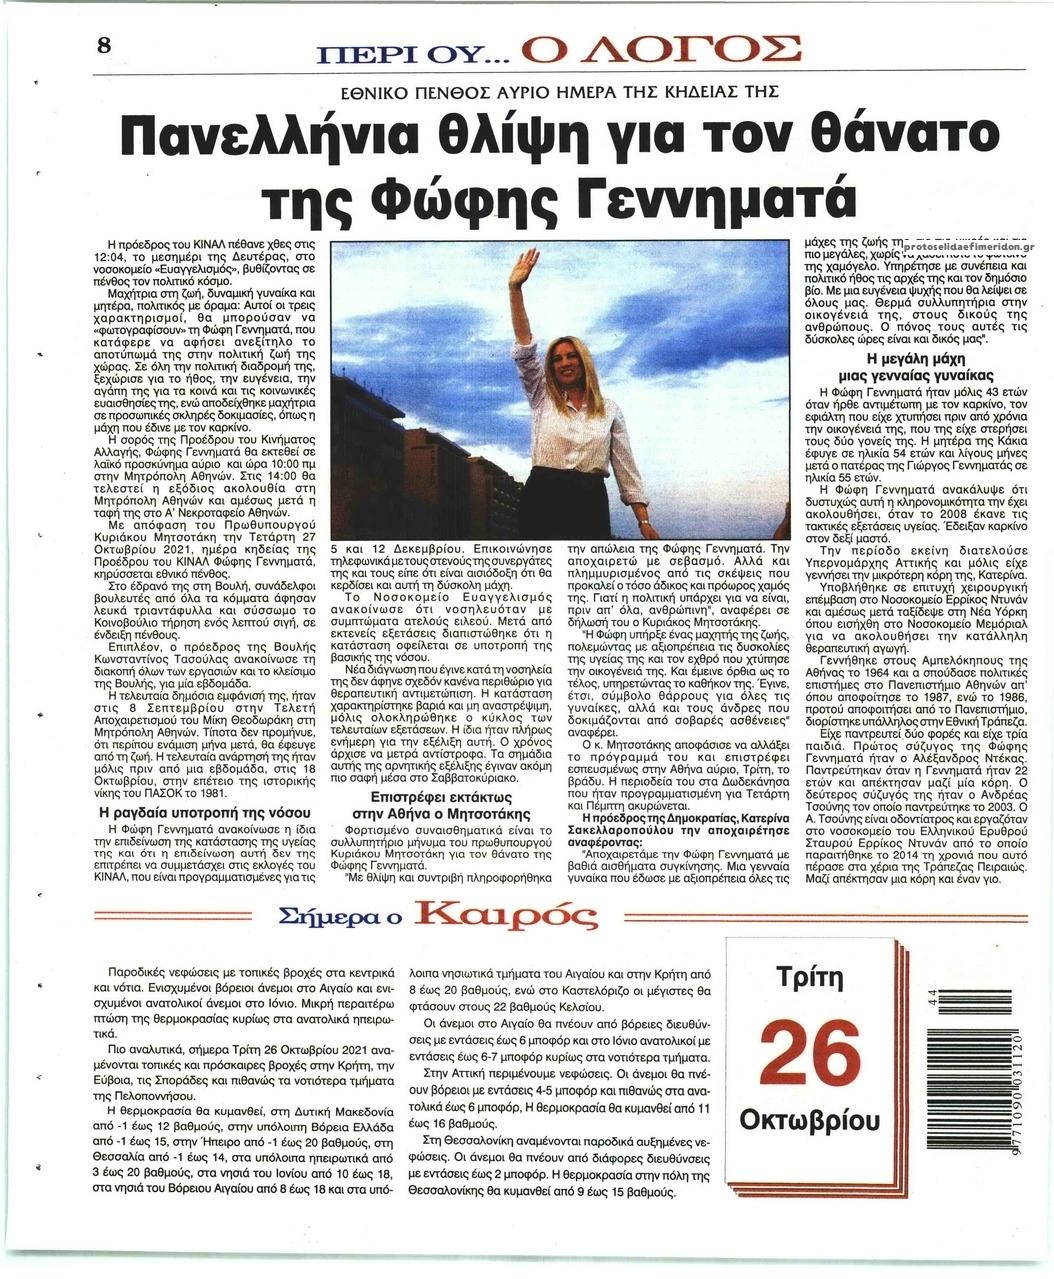 Οπισθόφυλλο εφημερίδας Λόγος